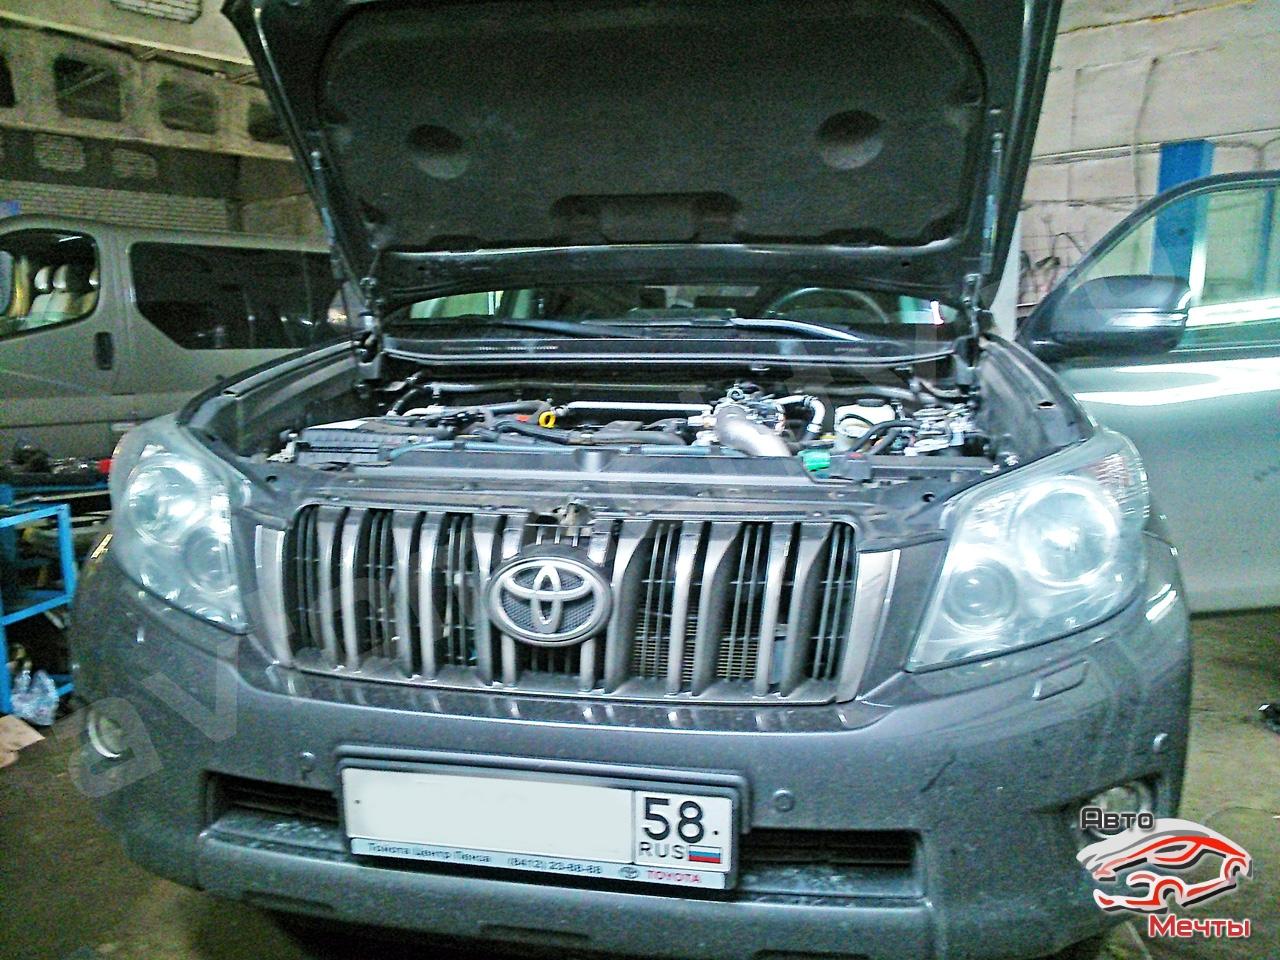 Чип-тюнинг Toyota Land Cruiser Prado, физическое удаление сажевого фильтра DPF, программное отключение системы EGR, увеличение мощности Stage-1